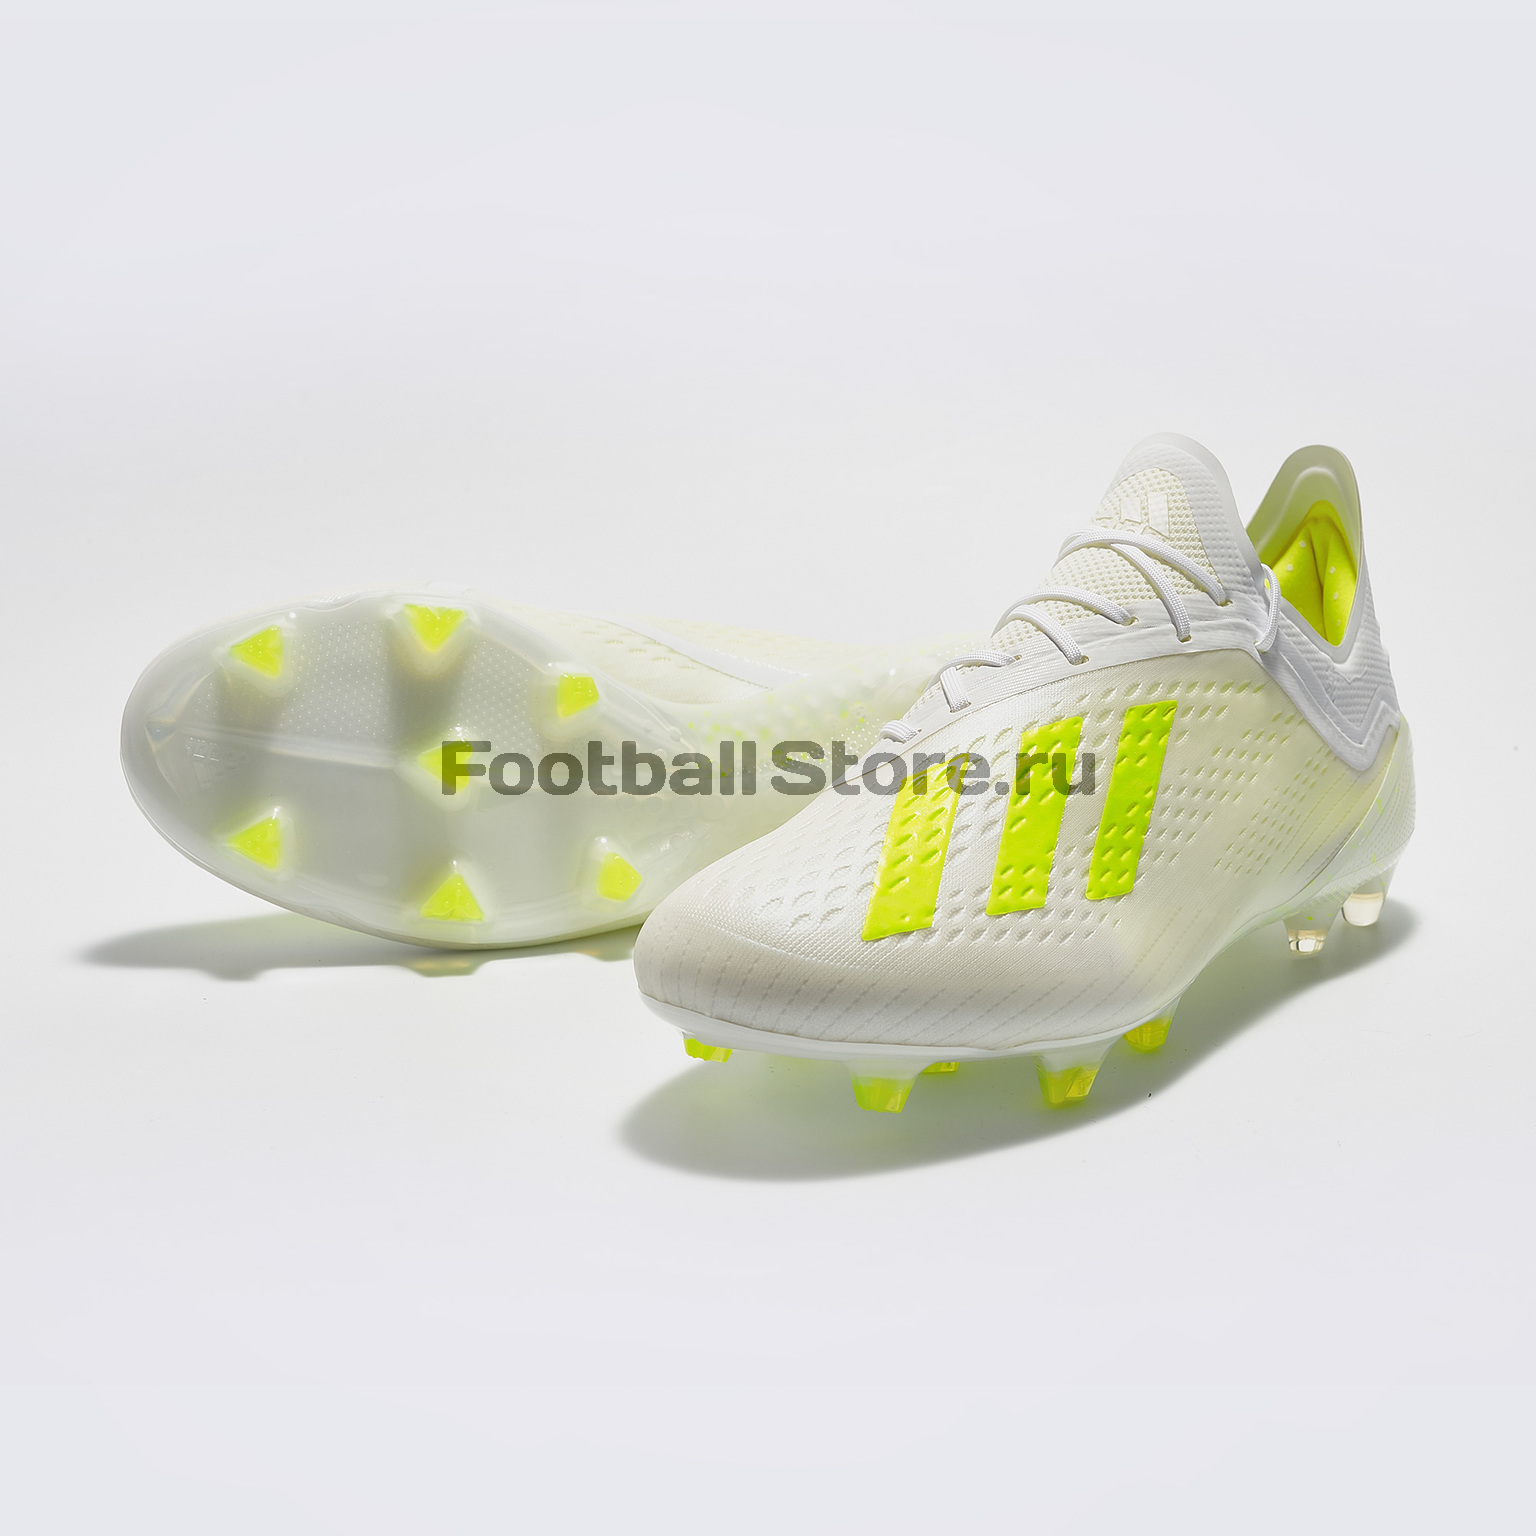 Бутсы Adidas X 18.1 FG BB9348 бутсы adidas x 17 1 fg bb6353